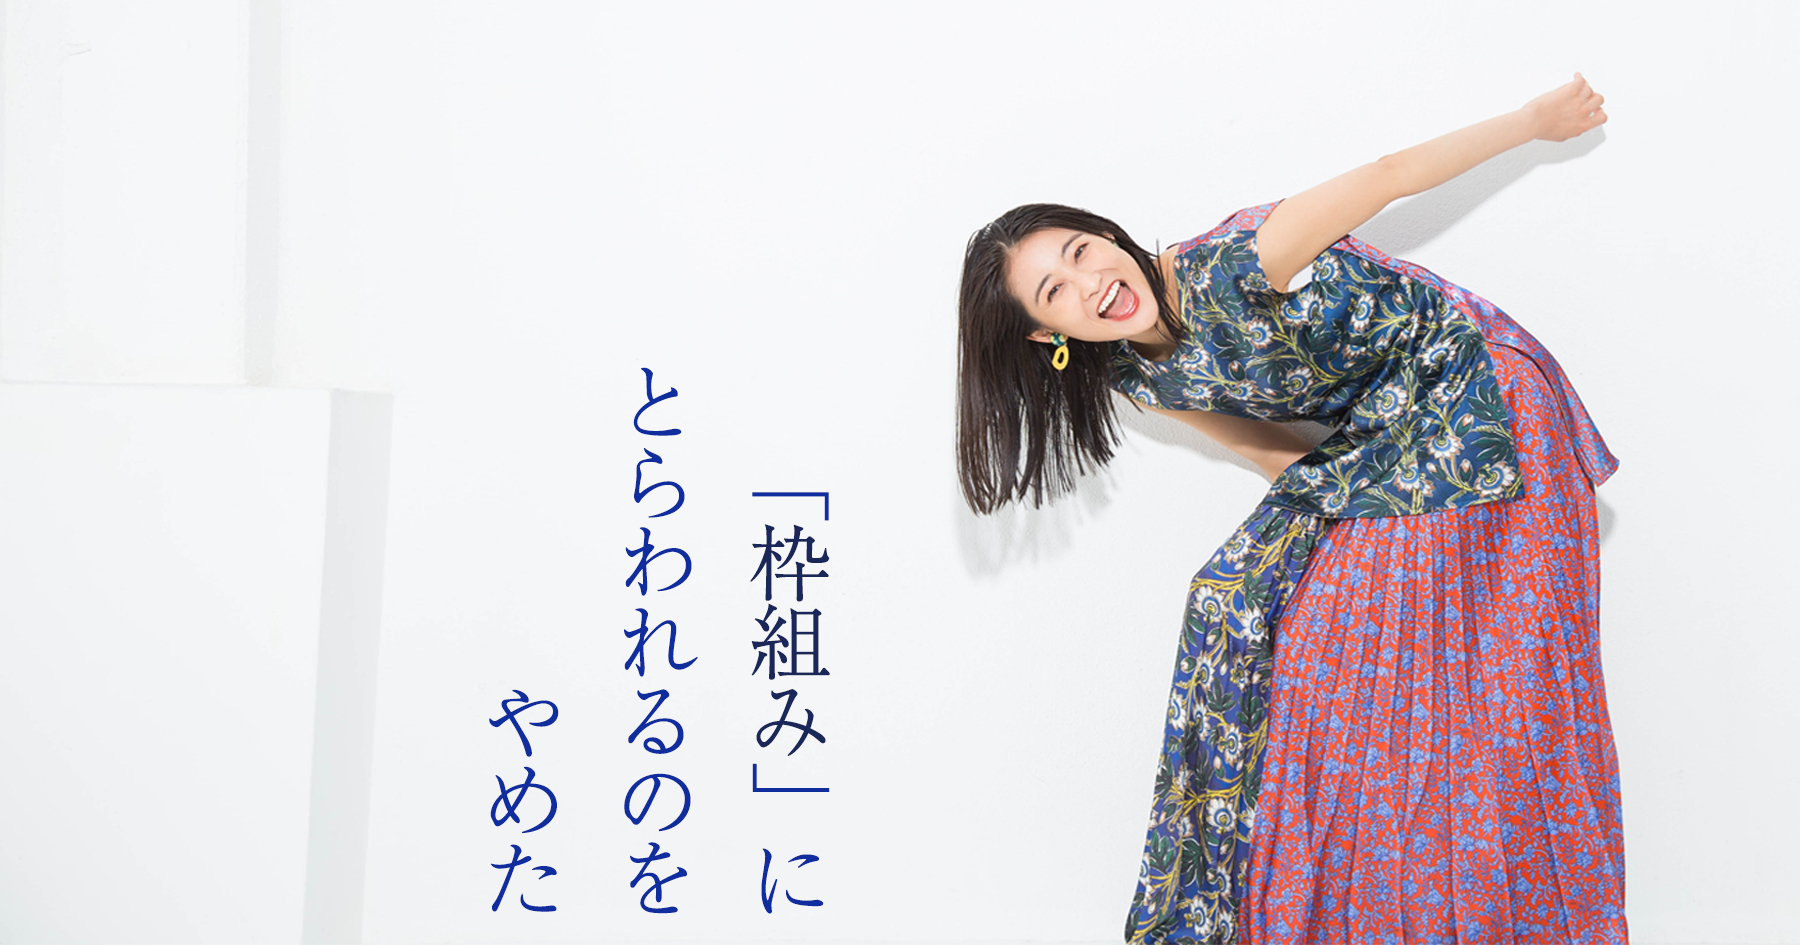 「枠組み」にとらわれるのをやめた 和田彩花